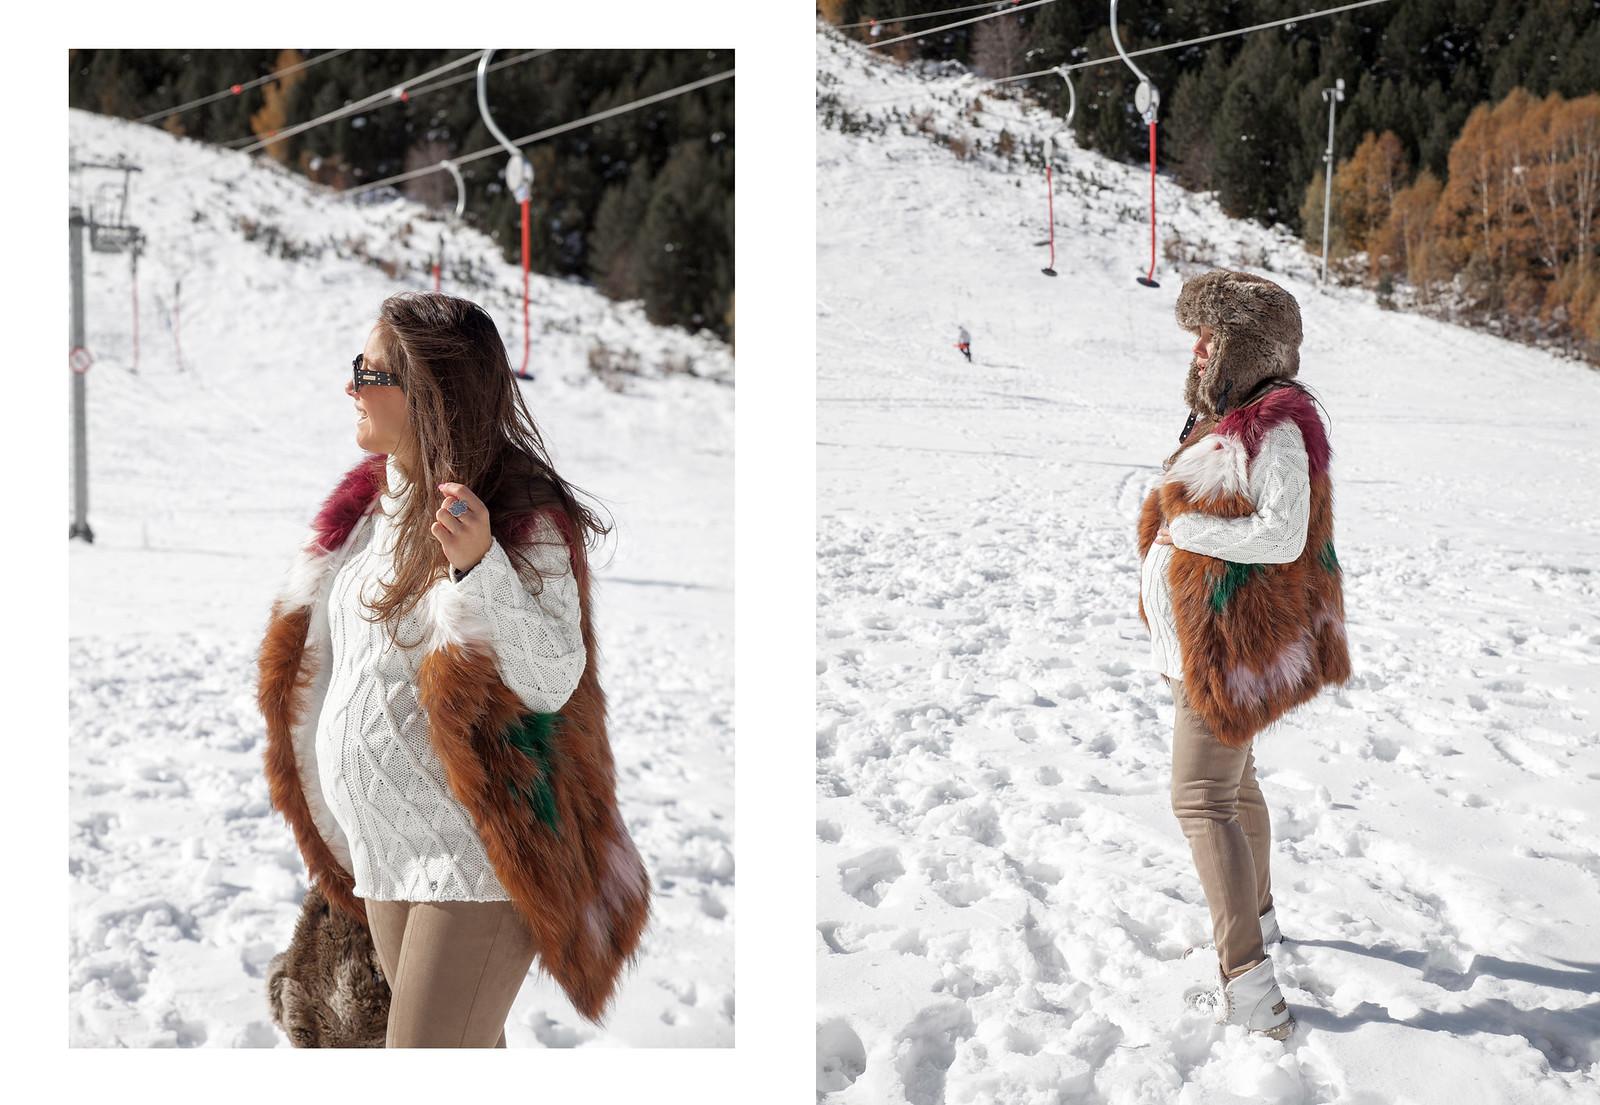 04_5_claves_para_un_look_apres_ski_tendencia_invierno_outfit_embarazada_comodo_nieve_theguestgirl_laura_santolaria_ruga_hpreppy